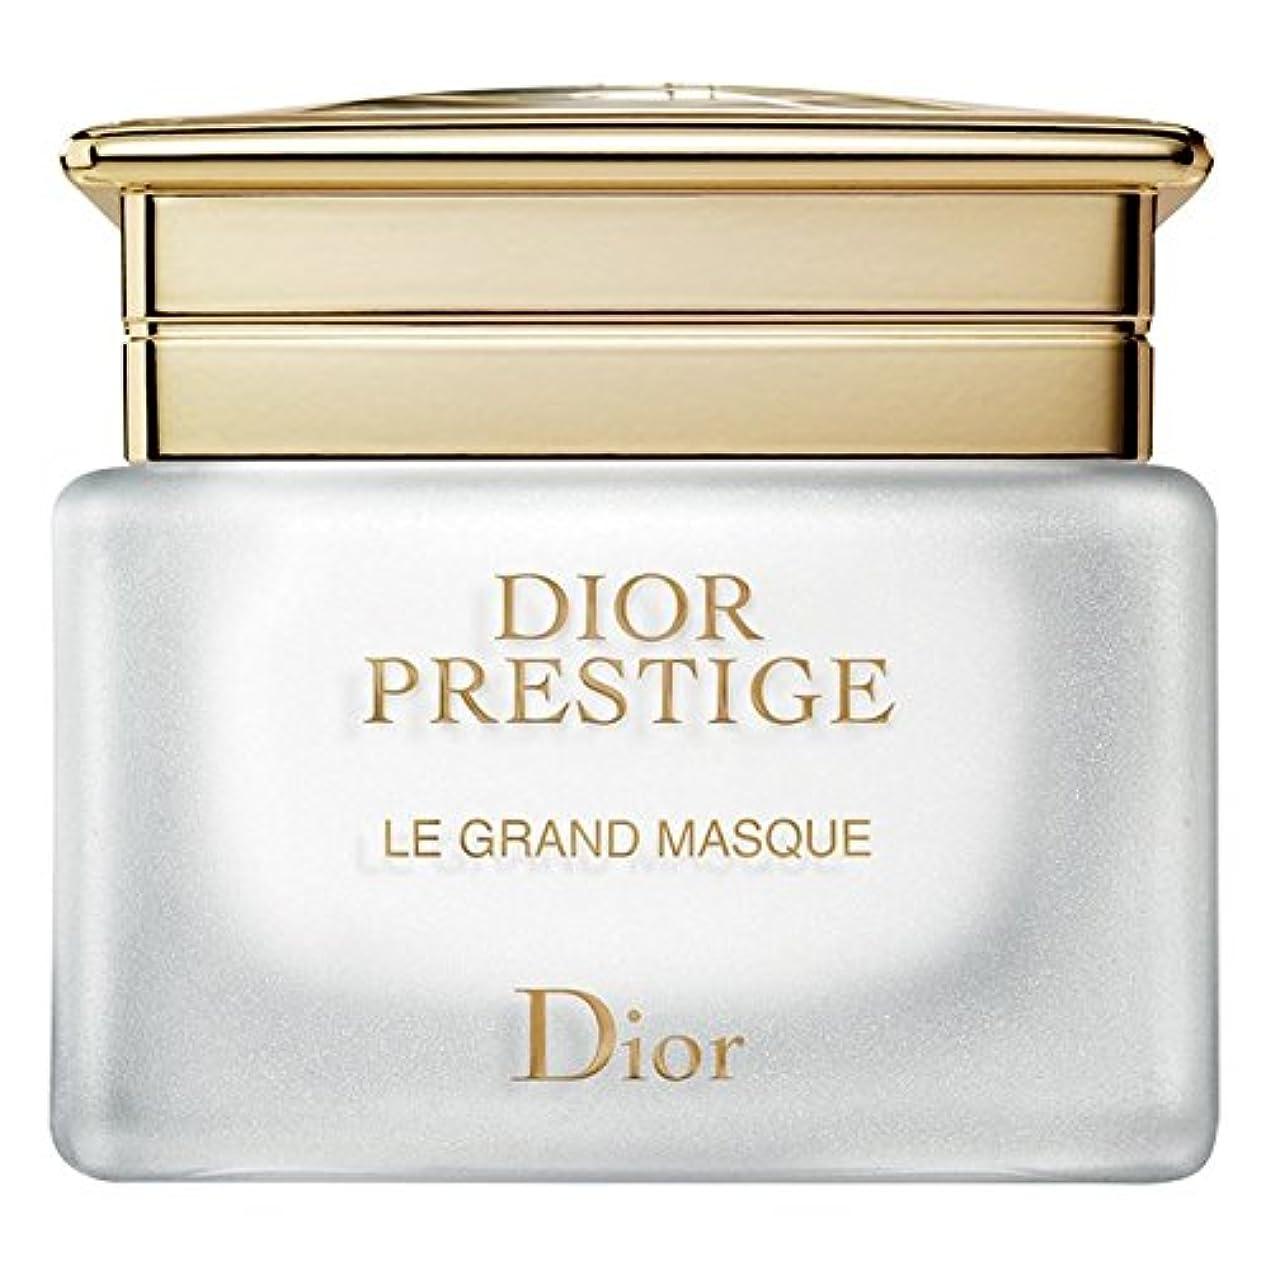 アピール画面遊具[Dior] ディオールプレステージルグラン仮面の50ミリリットル - Dior Prestige Le Grand Masque 50ml [並行輸入品]